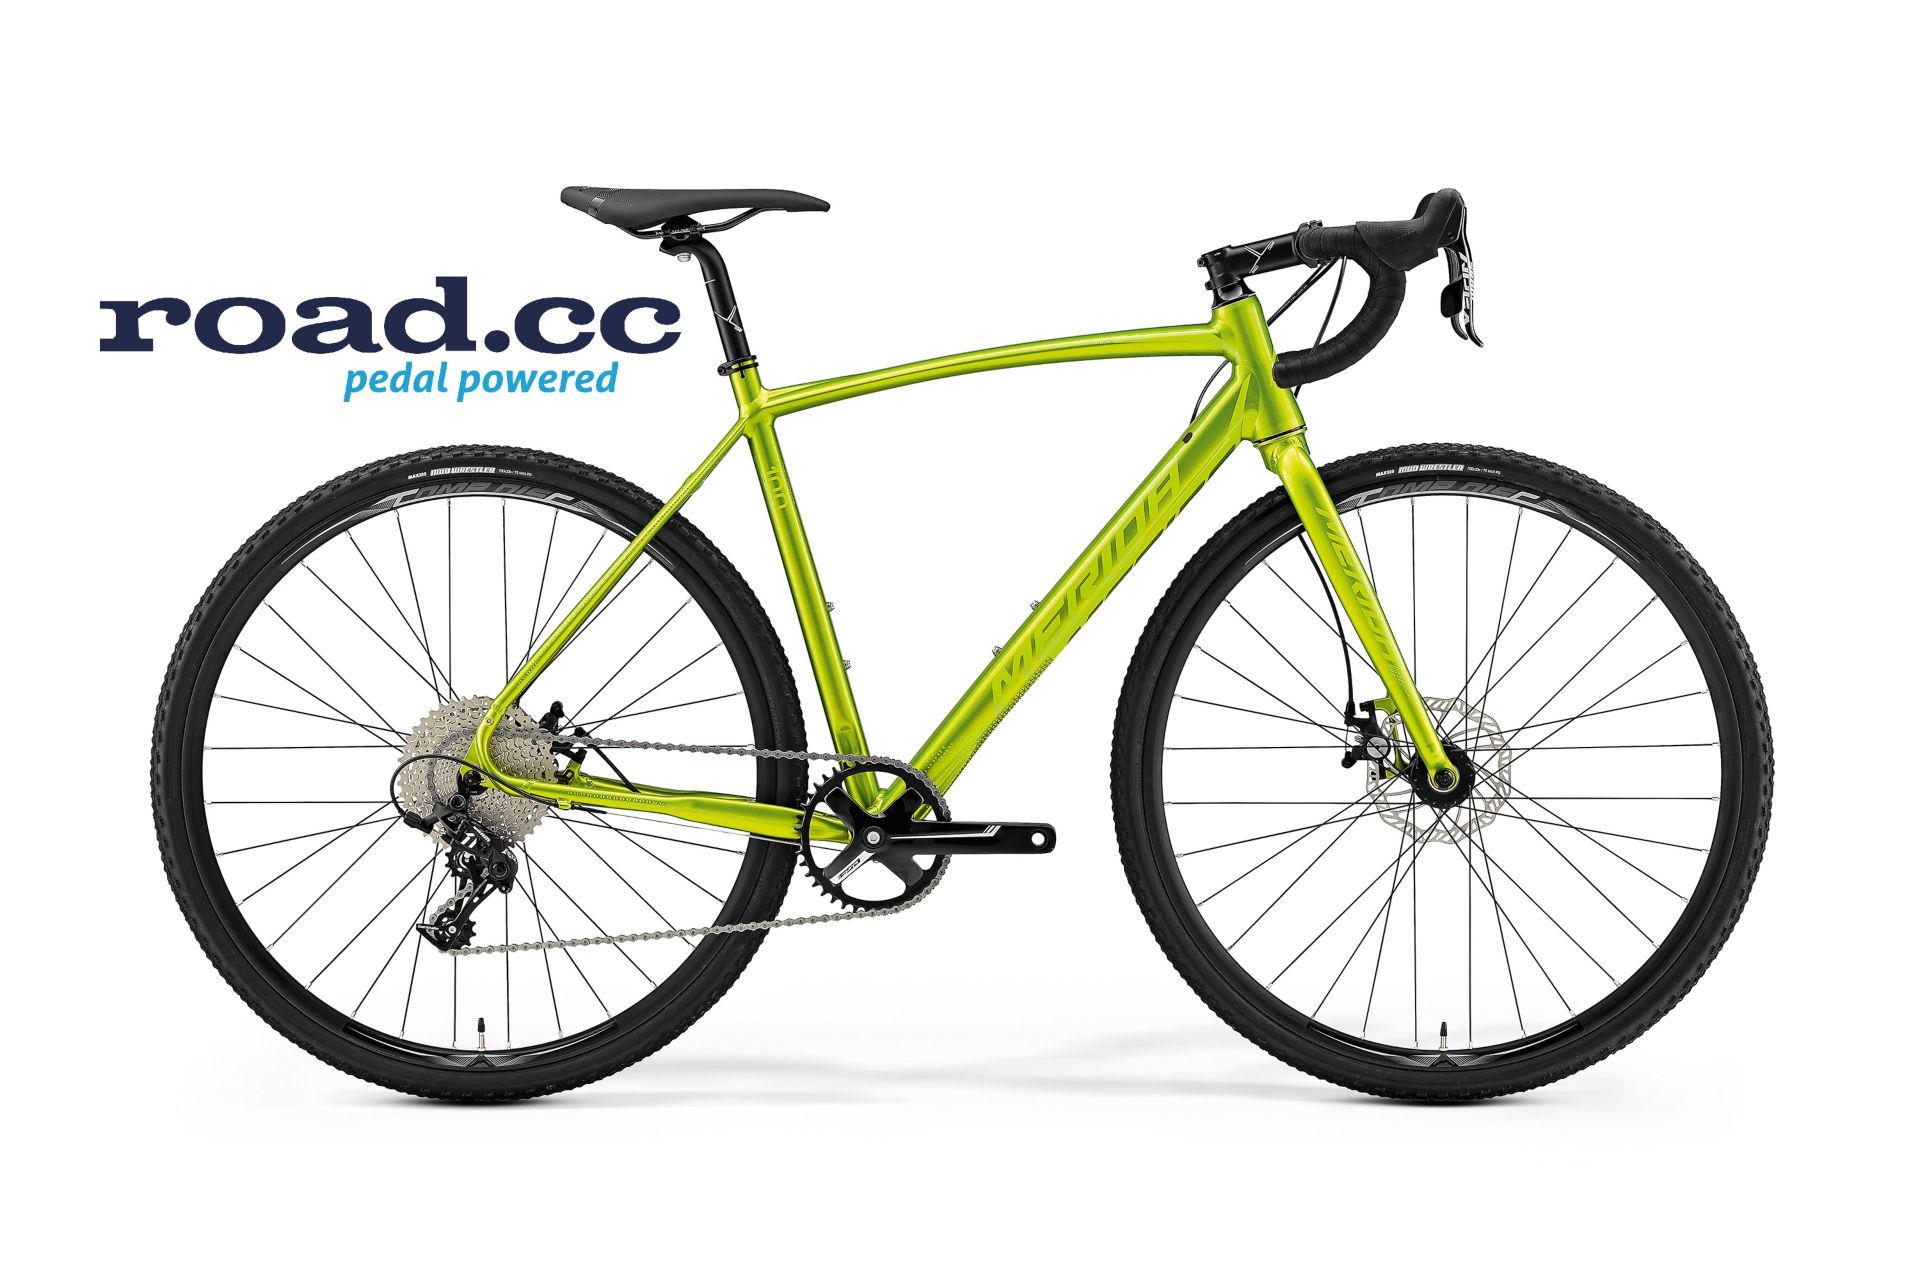 Merida Cyclo Cross, Cyclo Cross, rowery przełajowe, rowery przełaj, przełajowe Merida, rowery Cyclo Cross, rowery cyclocross, cyclocross